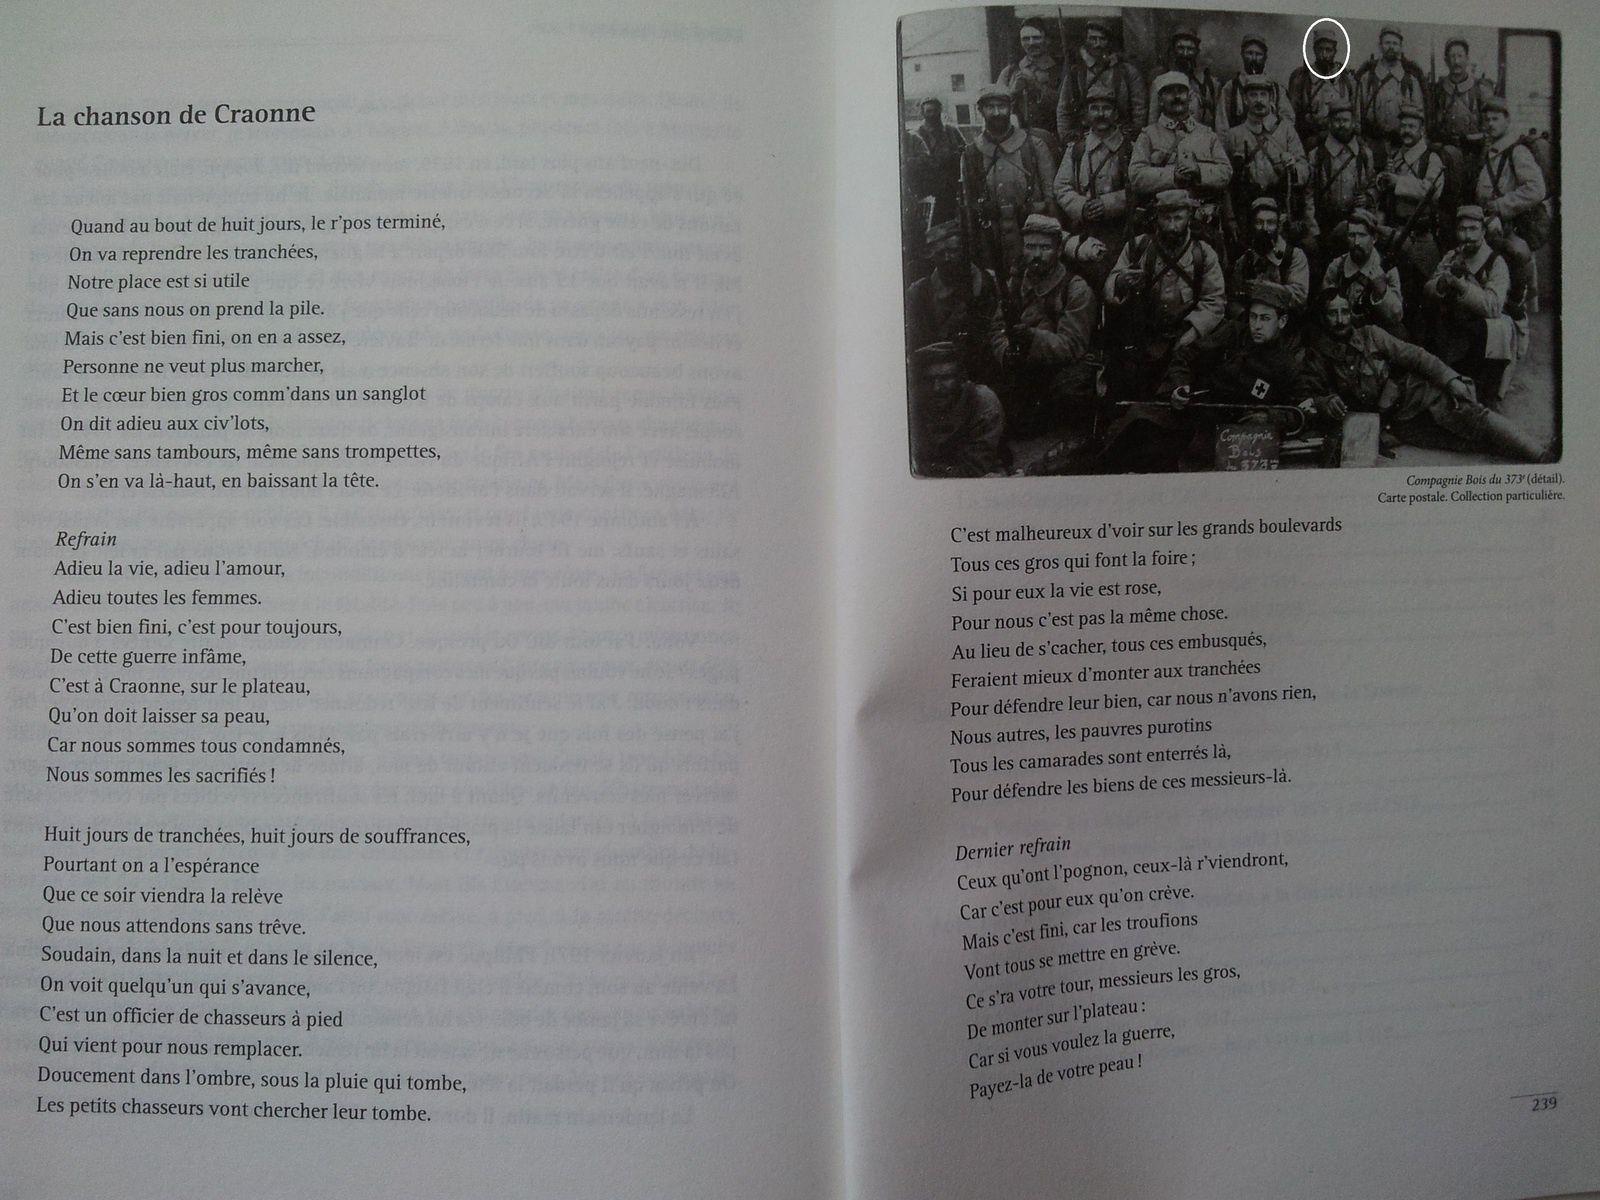 Paroles de la chanson de Craonne et la seule photo de Filippu Leccia en habit militaire, et agrandie pour le faire figurer sur la couverture.